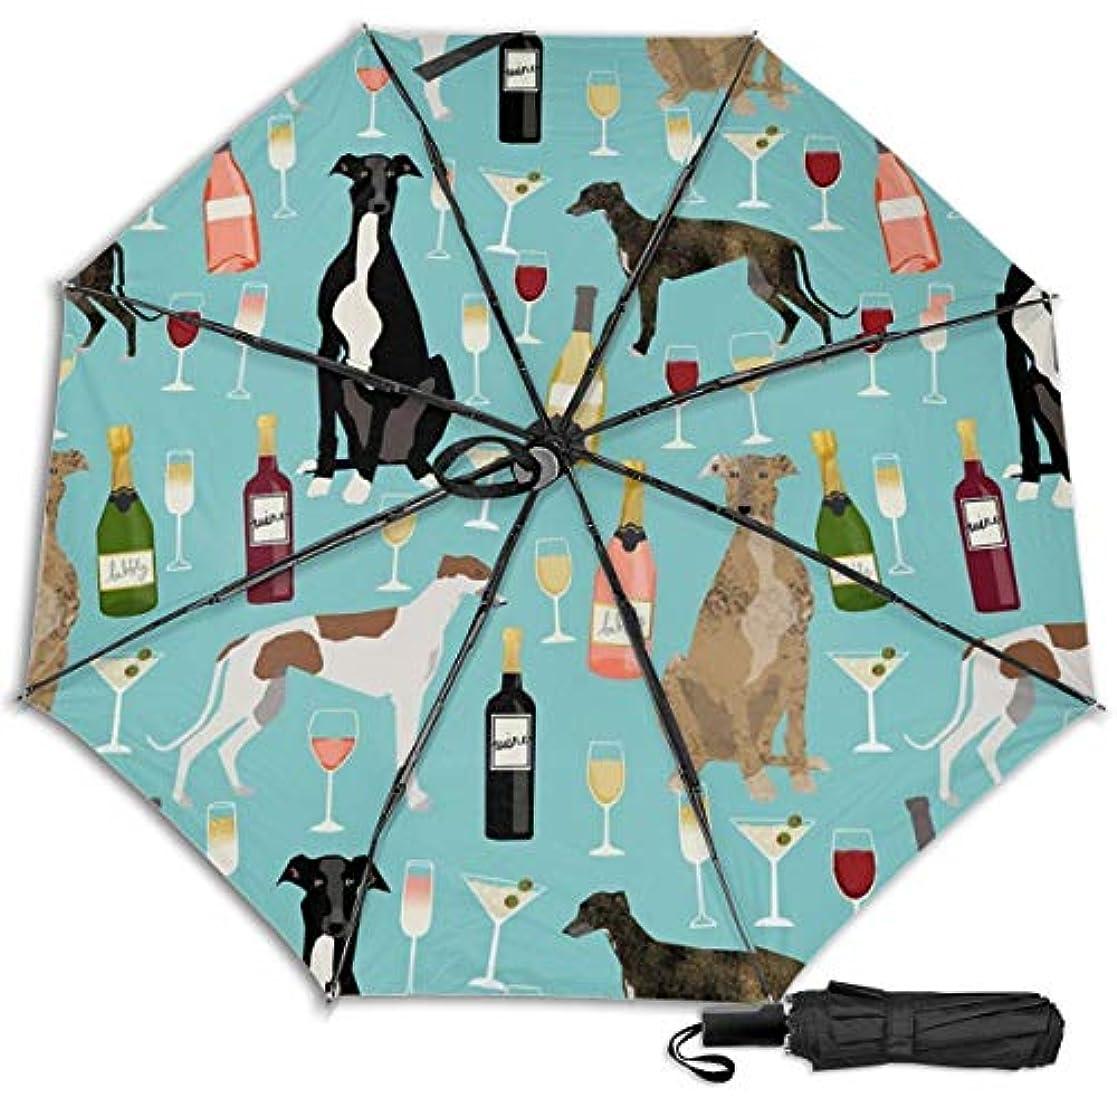 迅速すべてサラミグレイハウンドとワイン日傘 折りたたみ日傘 折り畳み日傘 超軽量 遮光率100% UVカット率99.9% UPF50+ 紫外線対策 遮熱効果 晴雨兼用 携帯便利 耐風撥水 手動 男女兼用